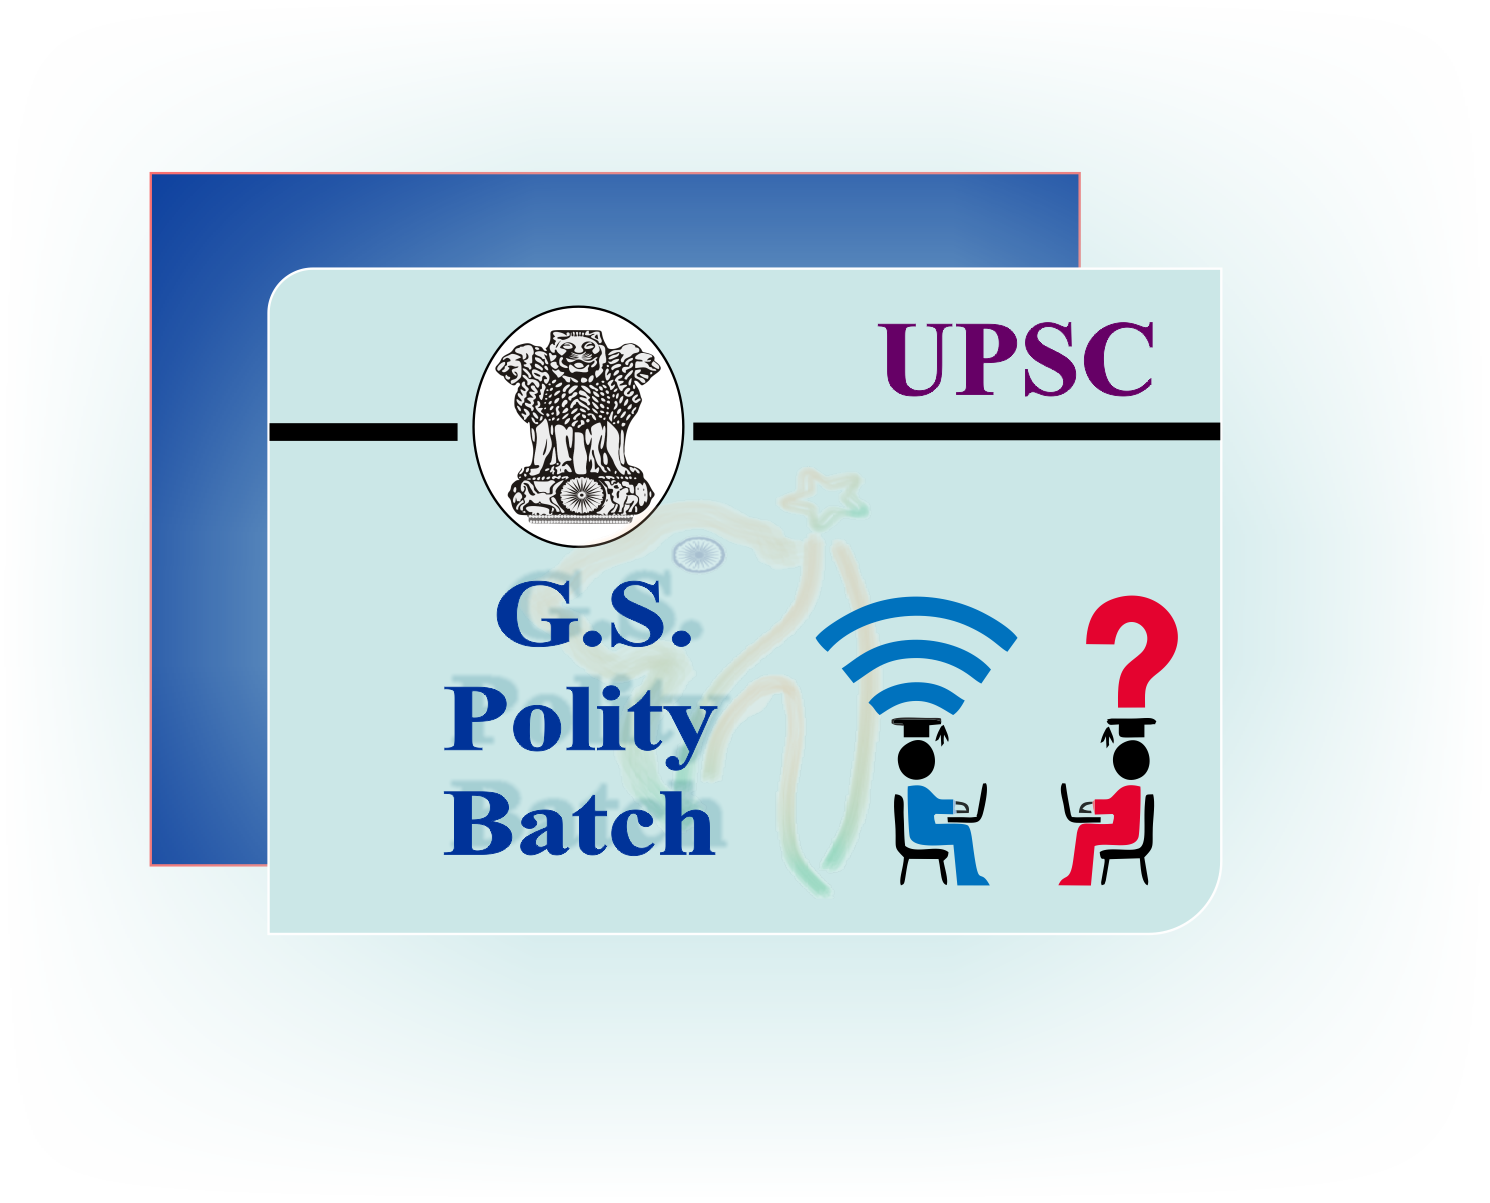 UPSC GS- Polity Batch